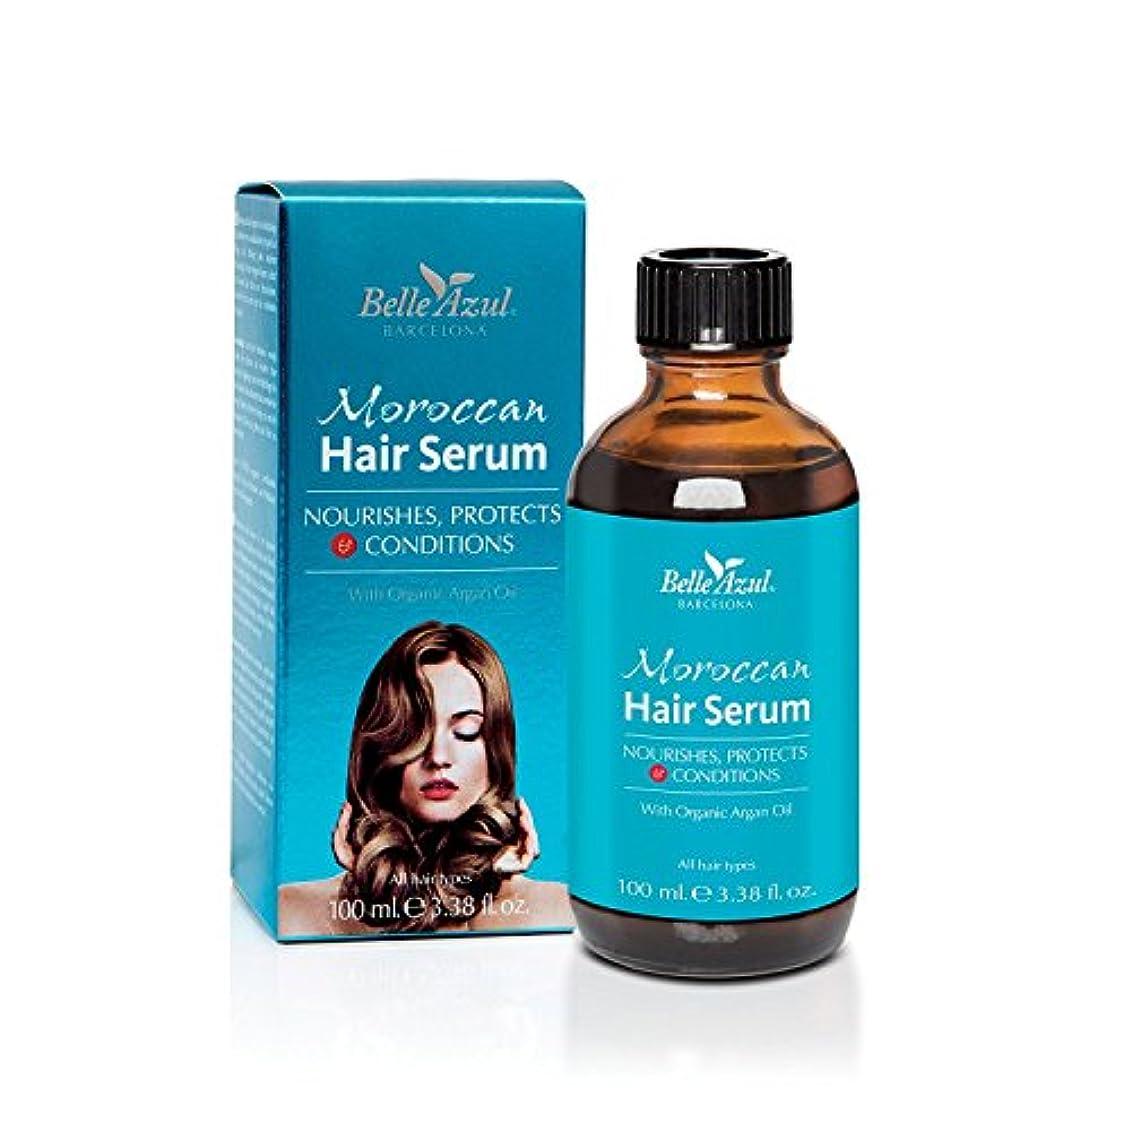 スリチンモイモック動揺させるベルアスール (Belle Azul) モロッカン ヘア セラム 髪用 美容液 アルガンオイル 配合